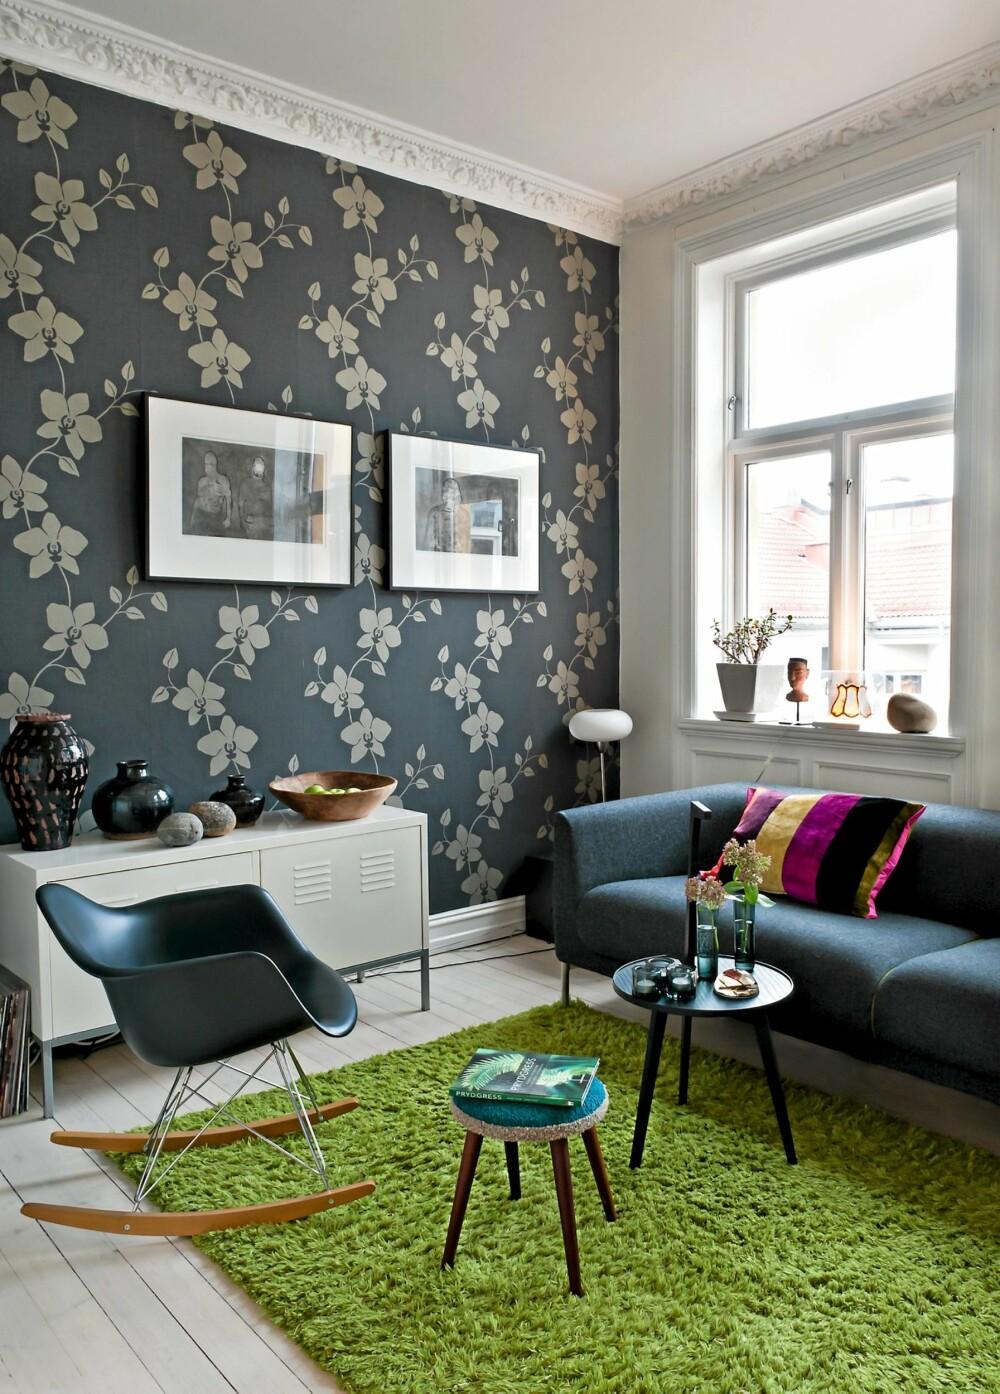 """FRODIG: Teppe og sofa designet av Norway Says, tapet """"Lagoon"""" kjøpt hos Maxbo. Gyngestol signert Charles Eames, kjøpt hos R.O.O.M."""